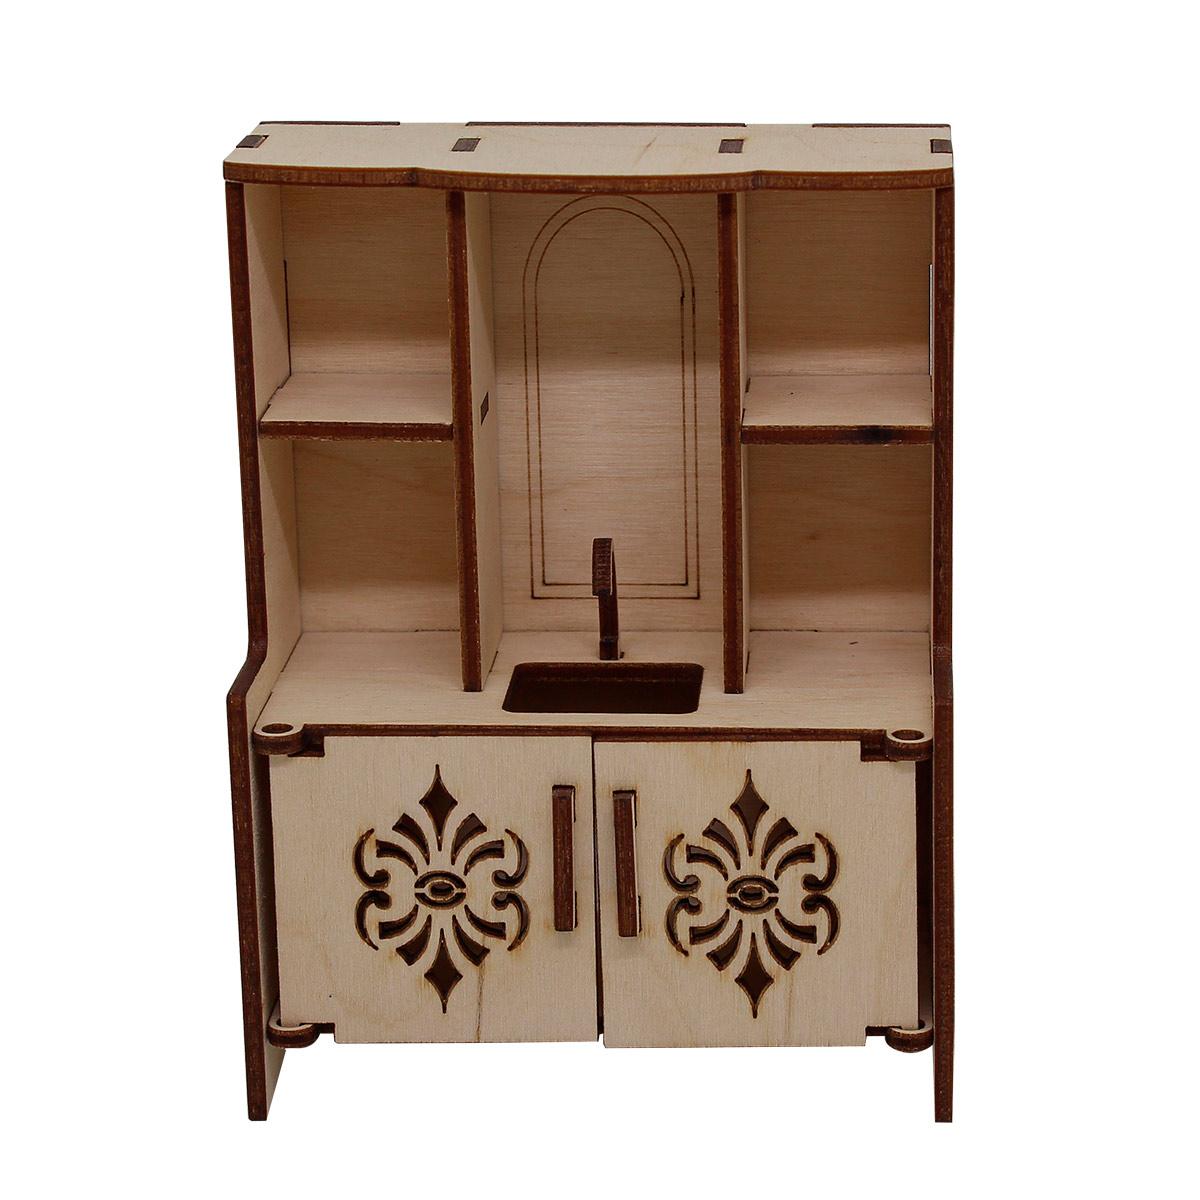 L 705 Деревянная заготовка Астра Кухонный шкаф